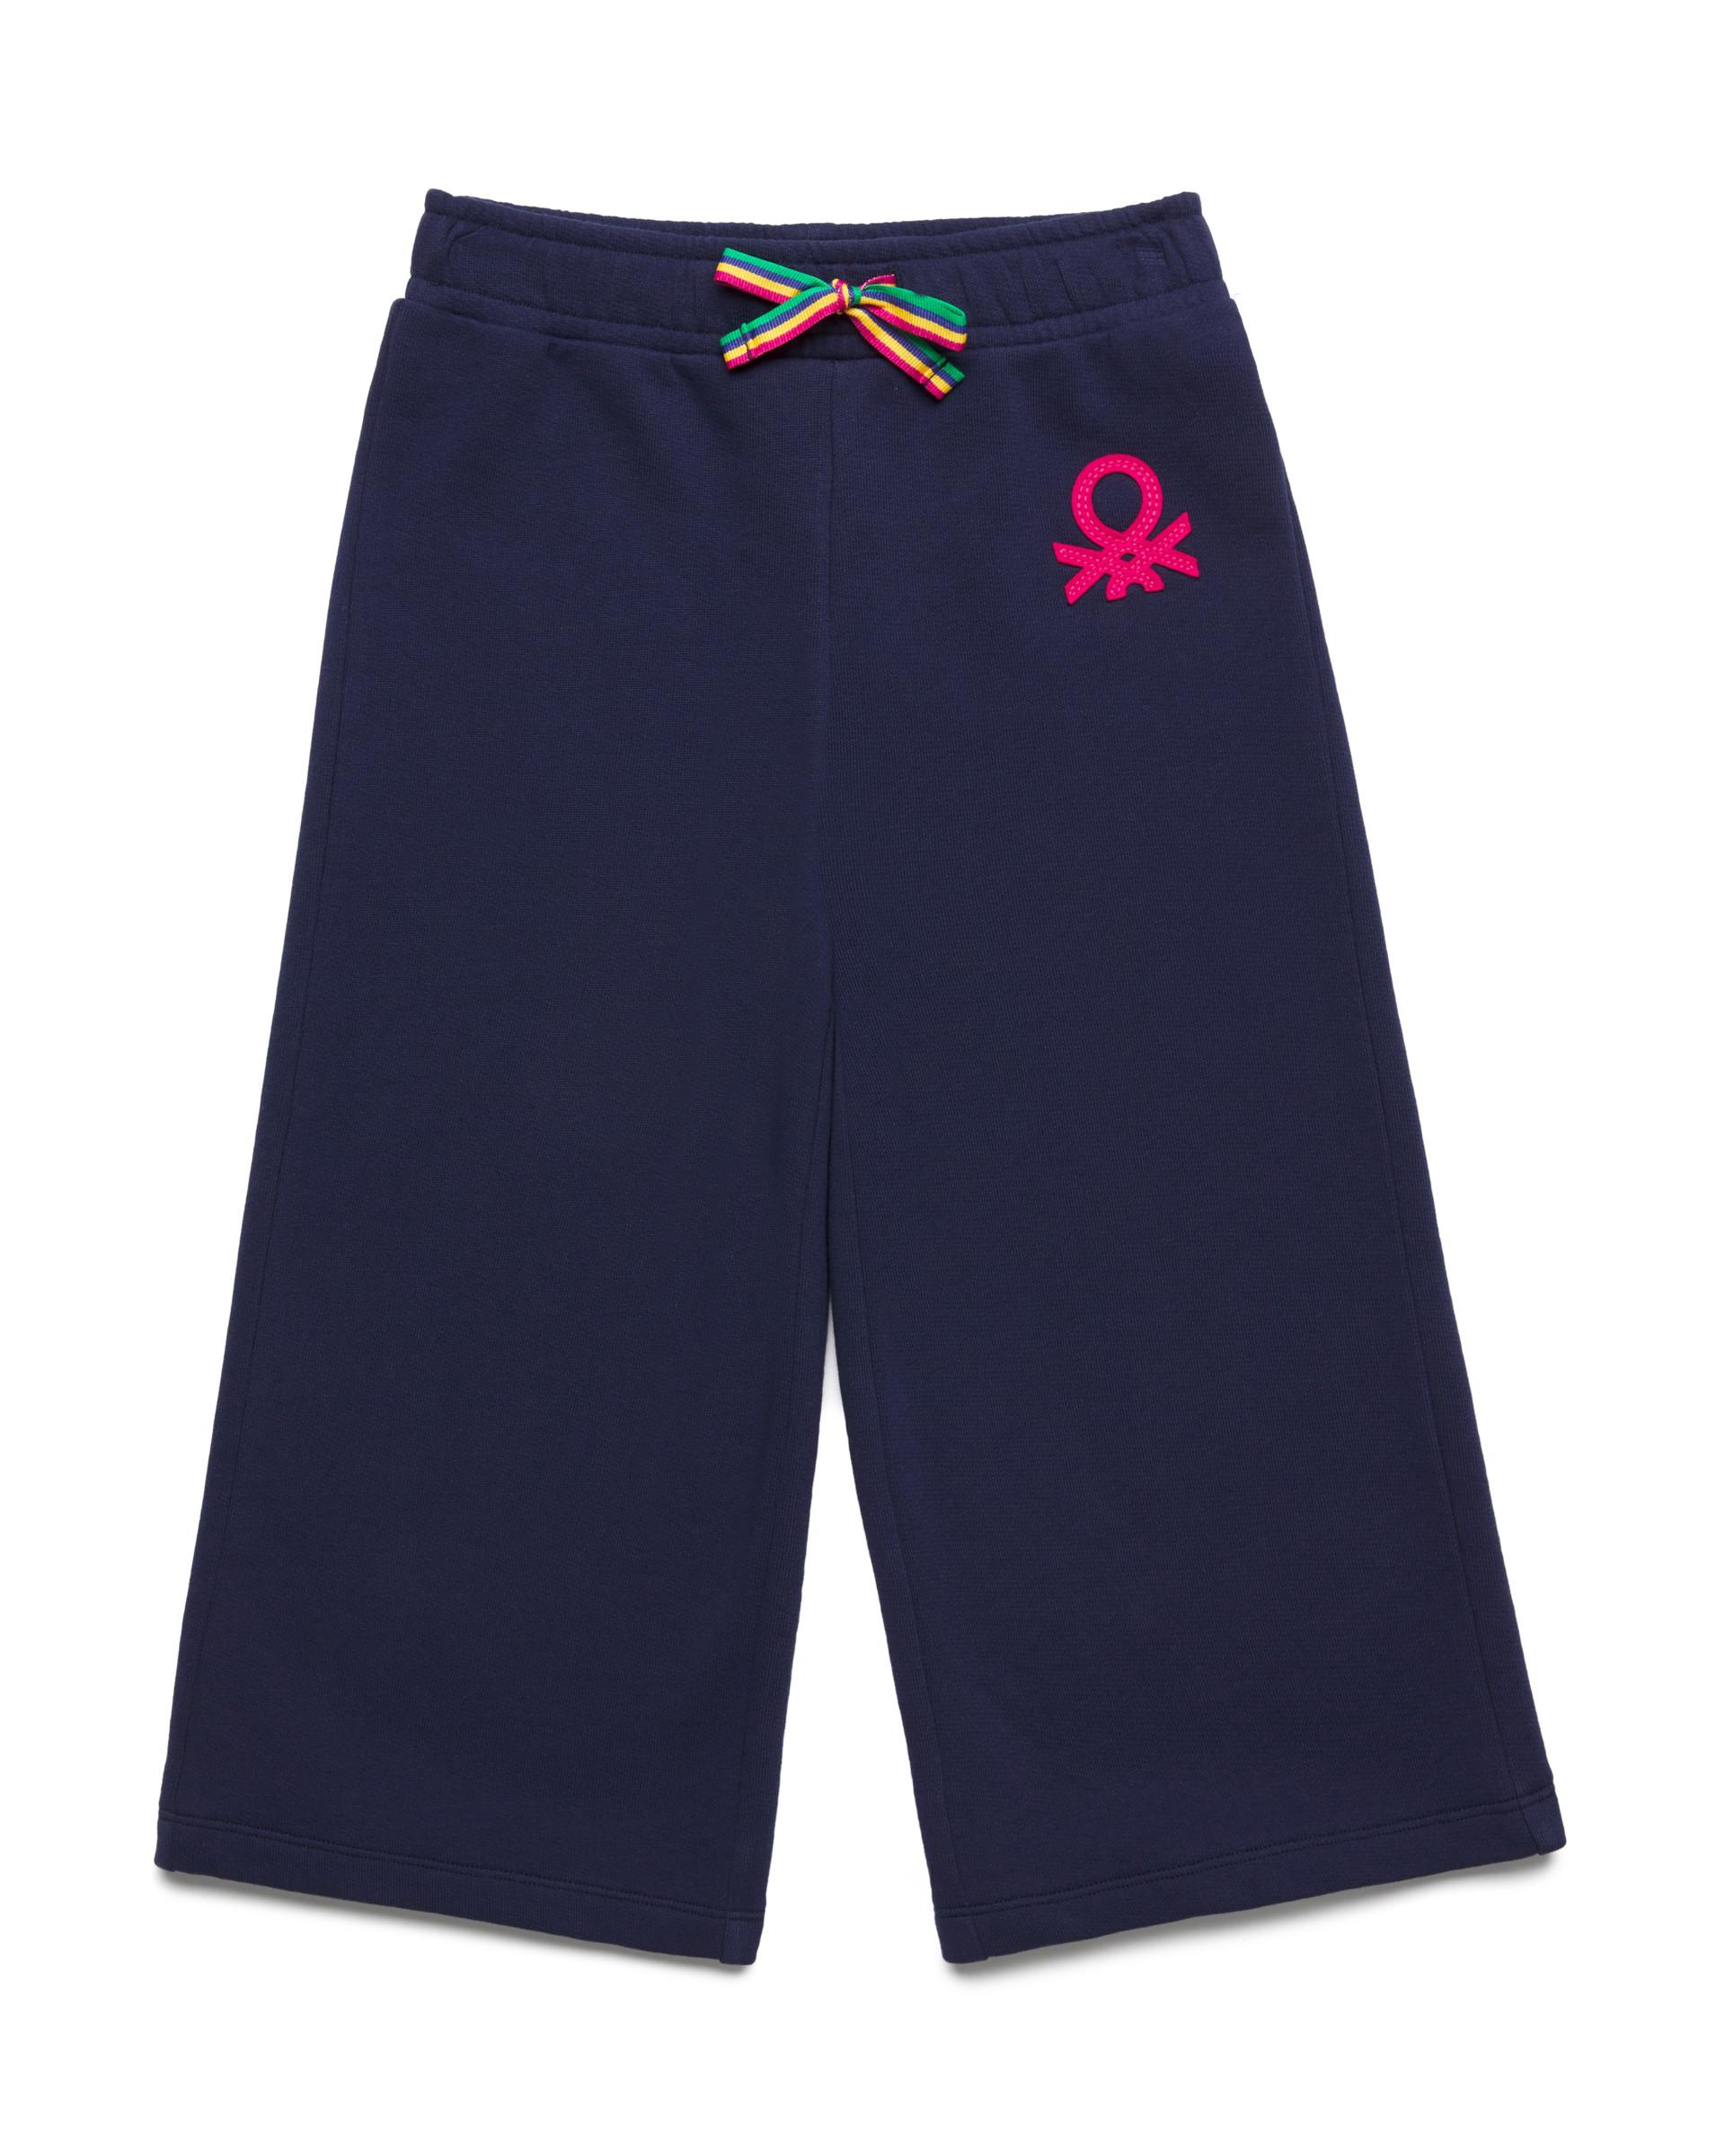 Купить 20P_3J68I0982_252, Спортивные брюки-кюлоты 3/4 для девочек Benetton 3J68I0982_252 р-р 128, United Colors of Benetton, Брюки для девочек